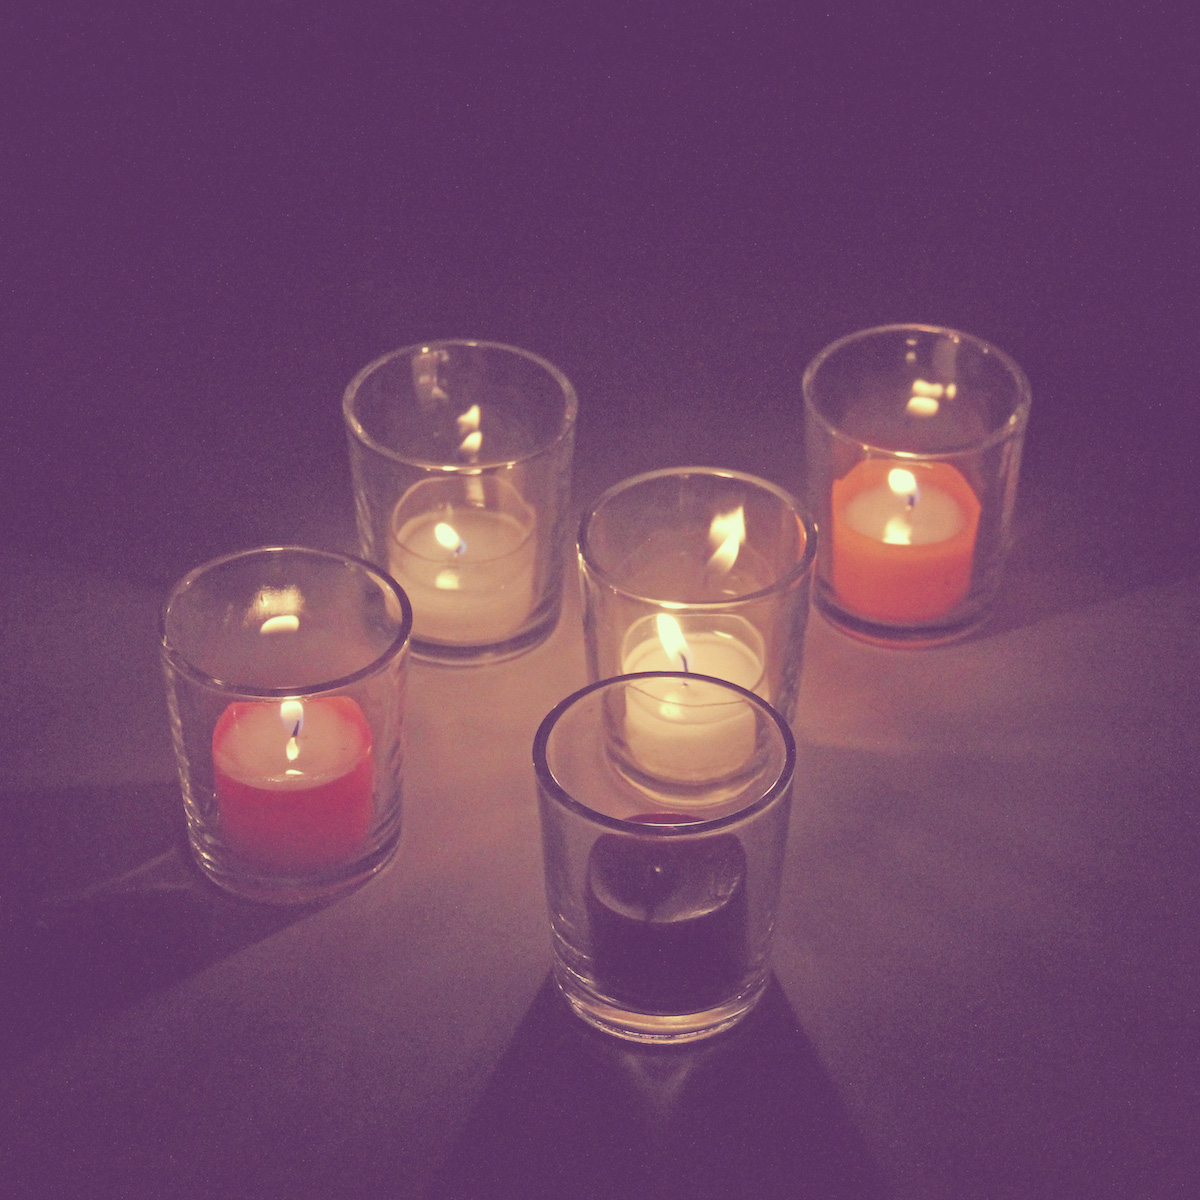 011-wedding-lake-garda-candles